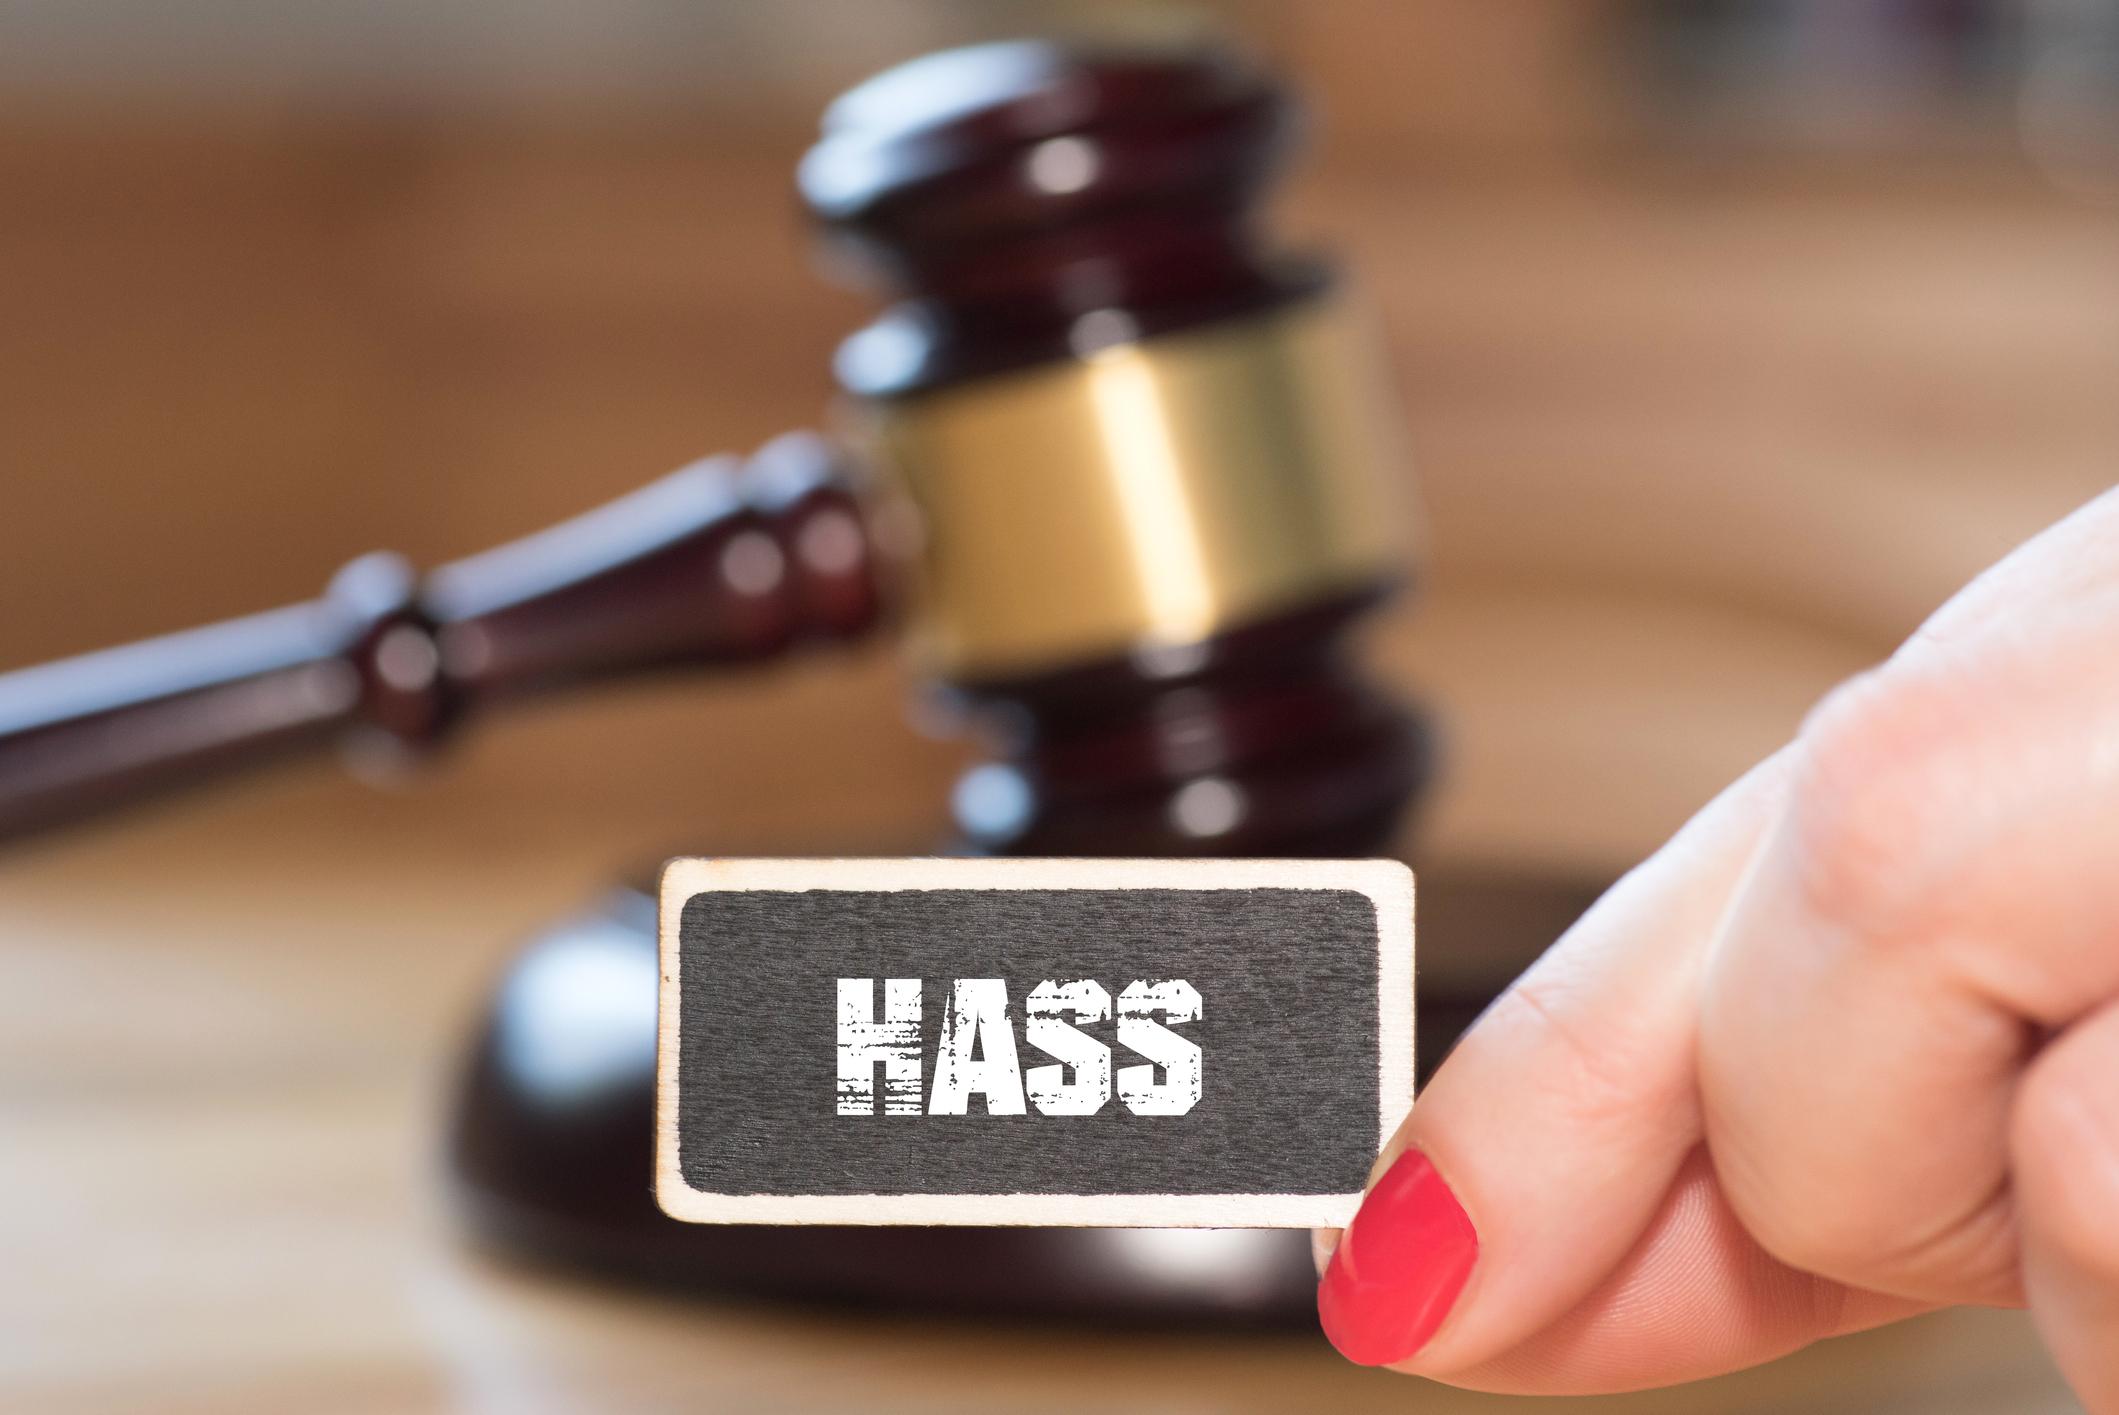 Gesetz gegen Hass im Netz gebilligt – Bitkom: Gesetz schießt weit über Ziel hinaus